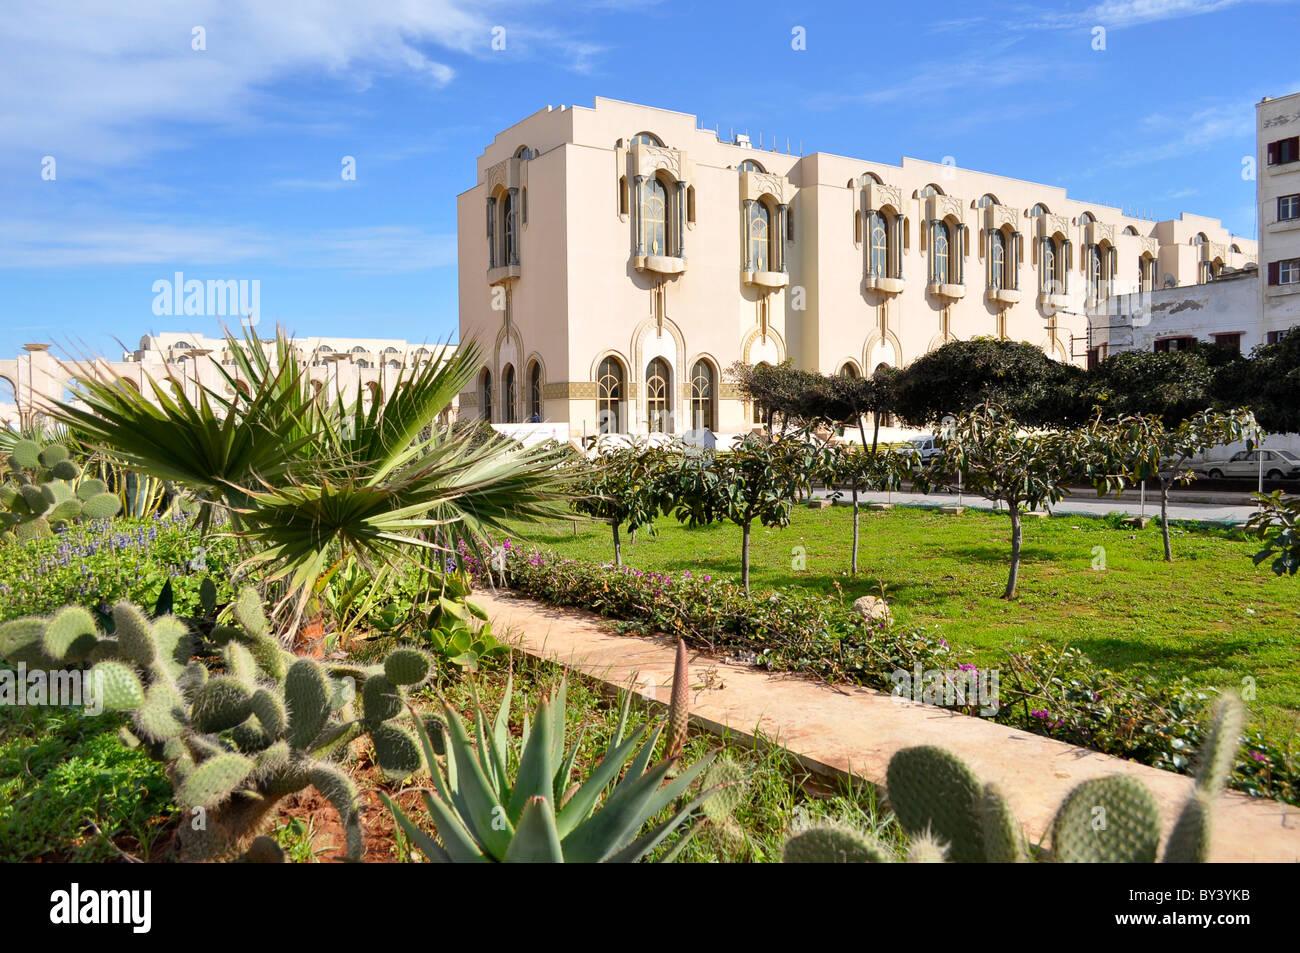 Casablanca Buchforst, Moschee in der Innenstadt, Hassan II.-Moschee, Casablanca Stadtzentrum, Moschee in der Stadt Stockfoto